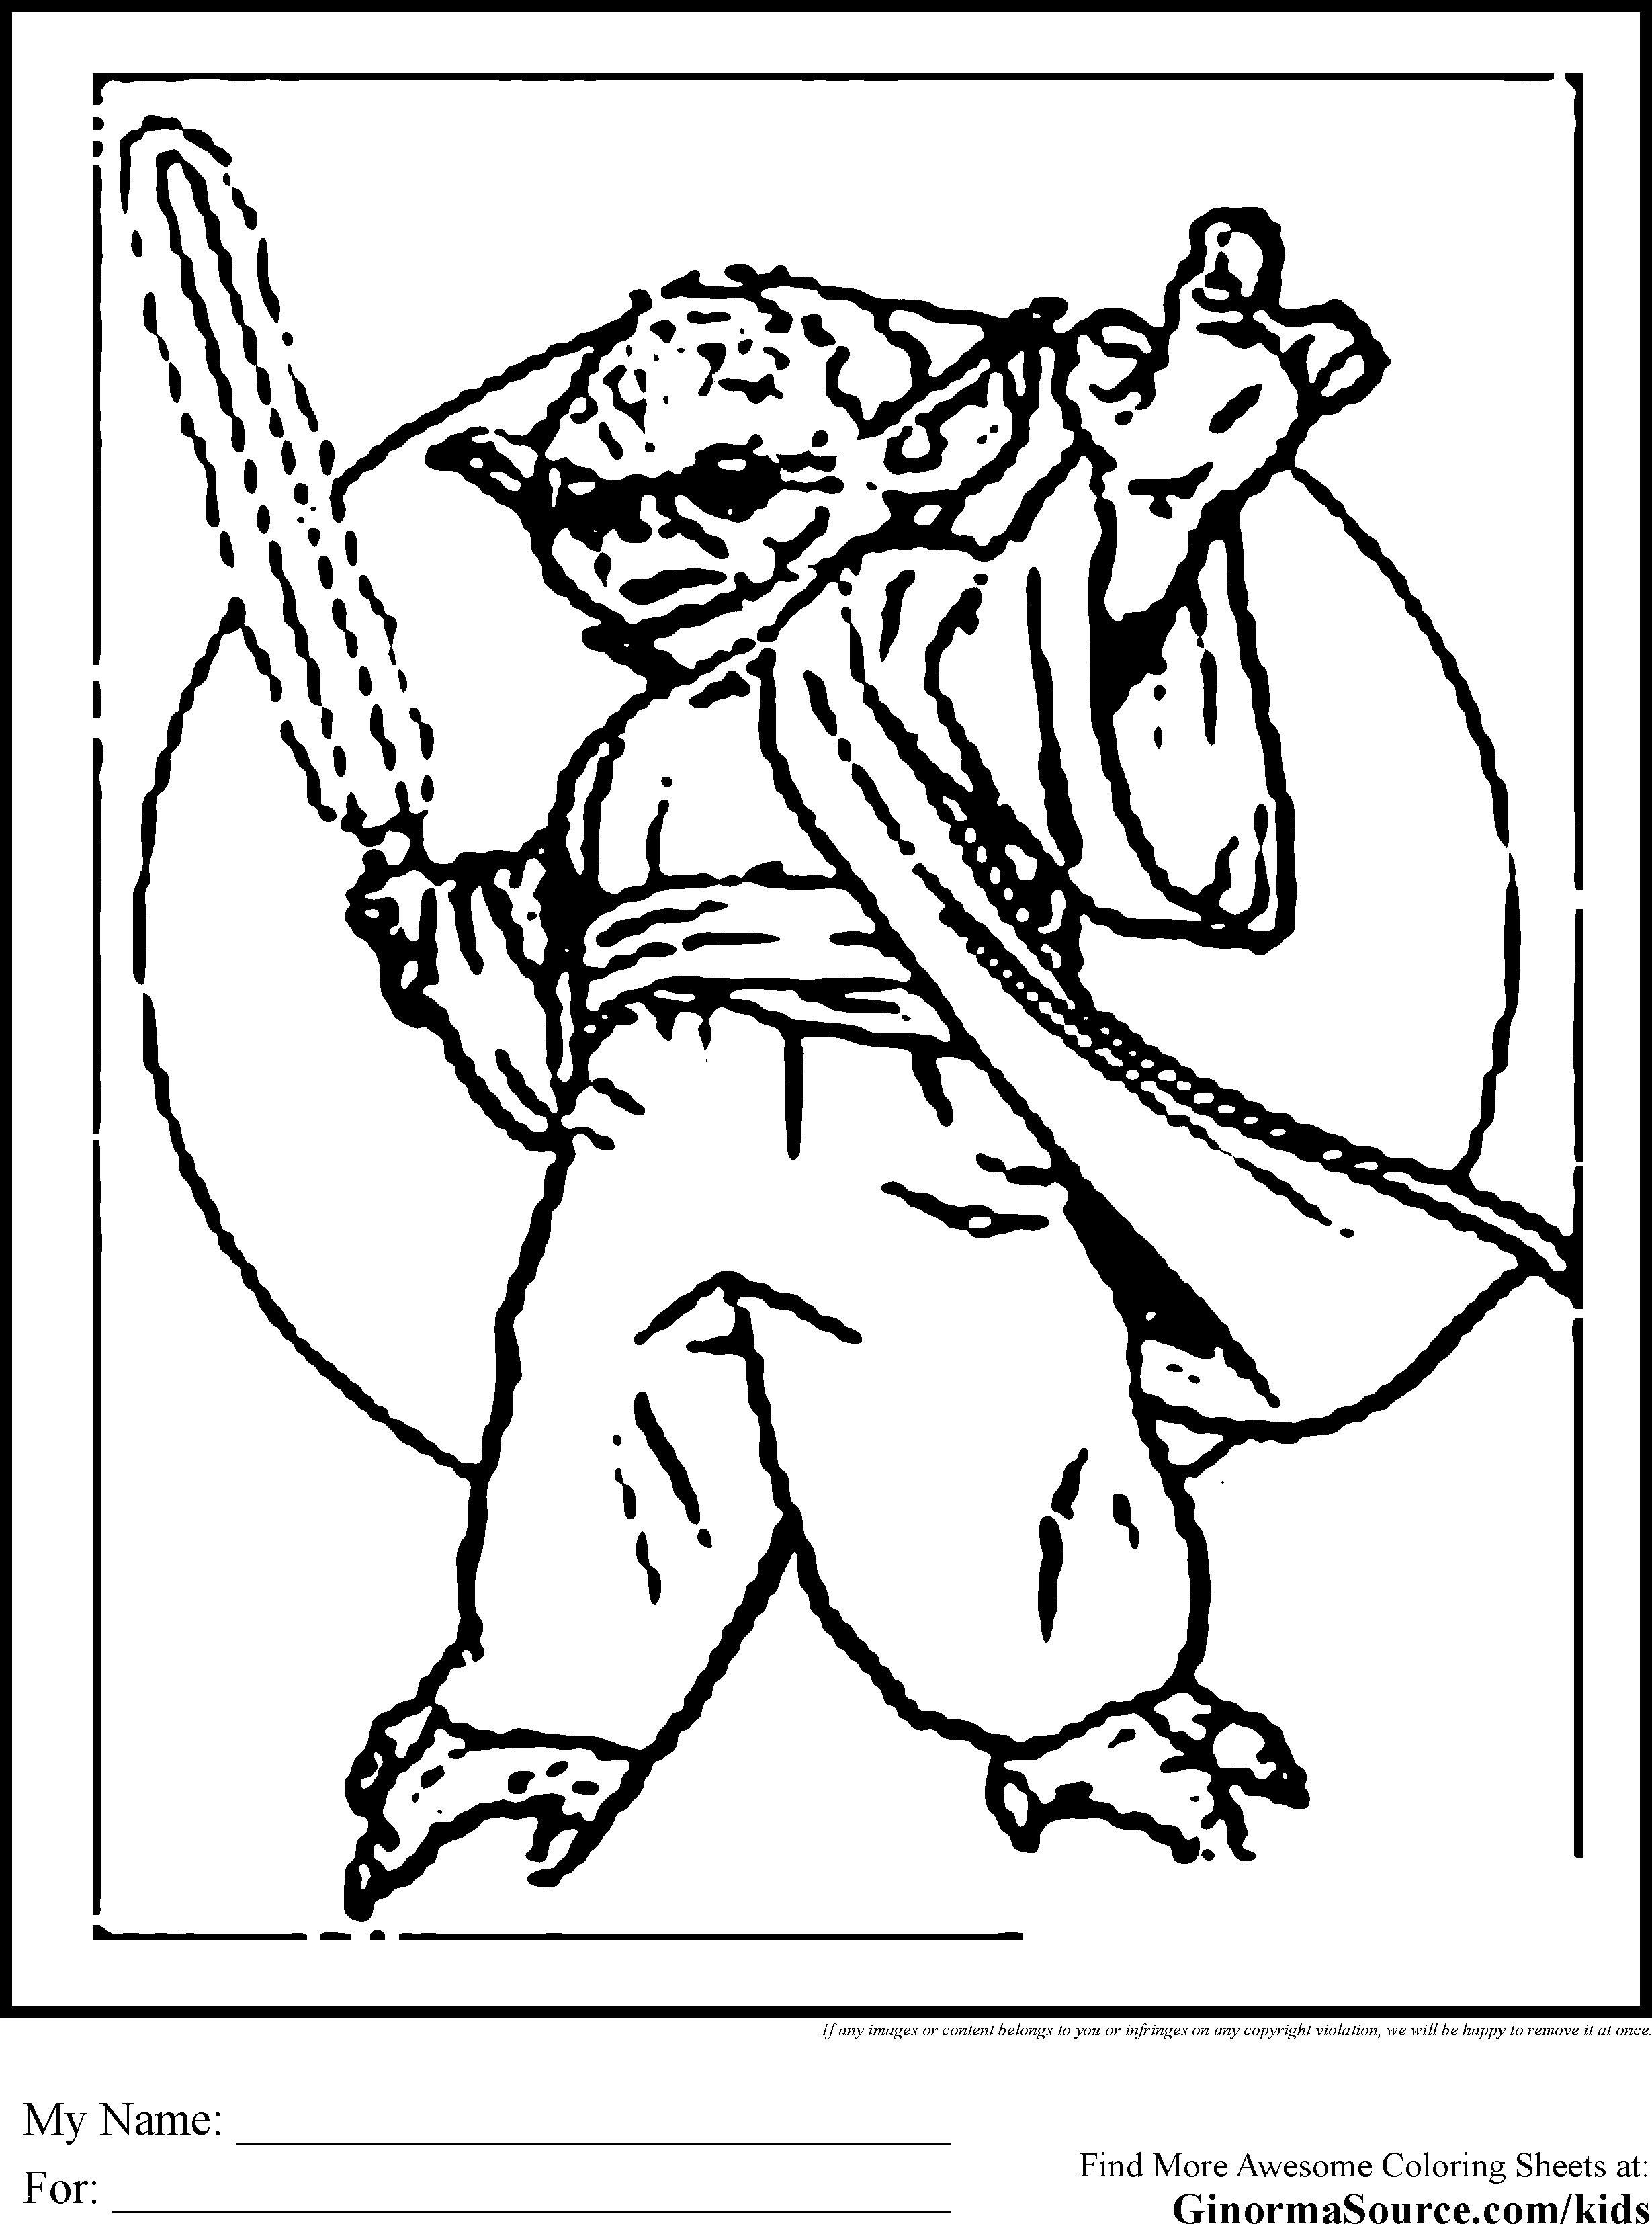 Marvel Helden Ausmalbilder Das Beste Von 28 Einzigartig Ausmalbilder Zoo Mickeycarrollmunchkin Sammlung